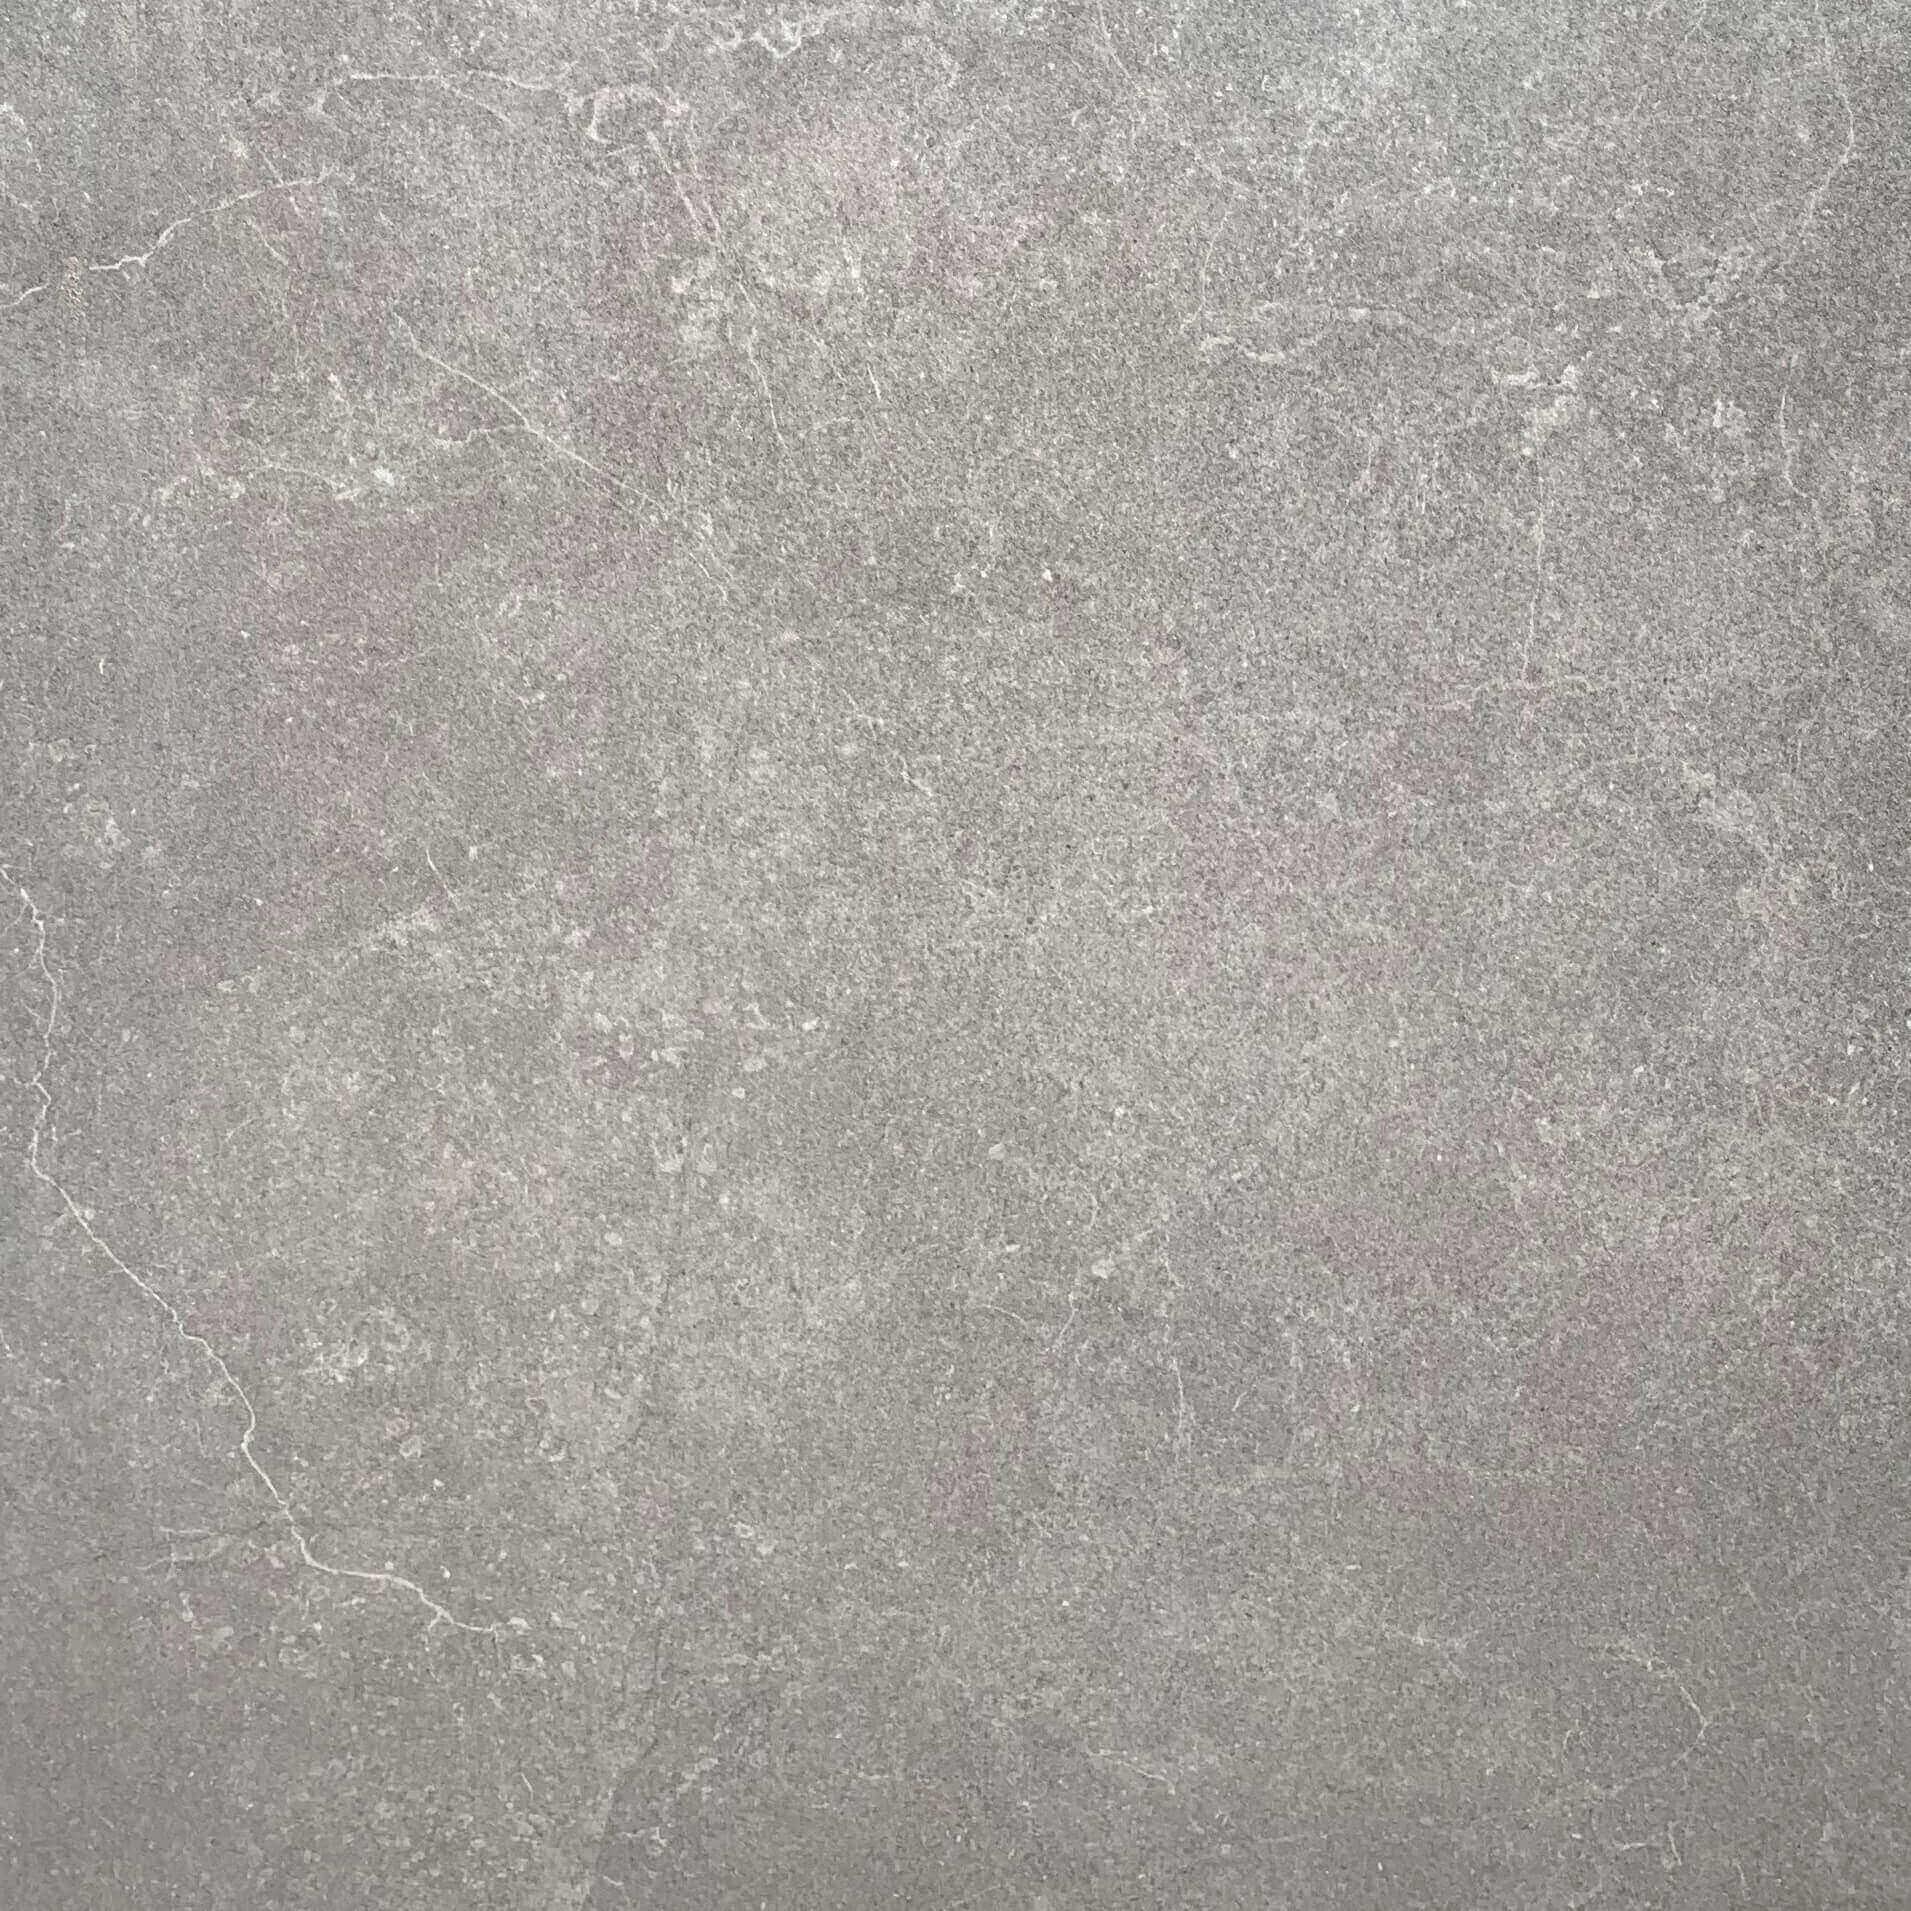 Trafalgar Grey Antislip Rectified Porcelain Tile 3134